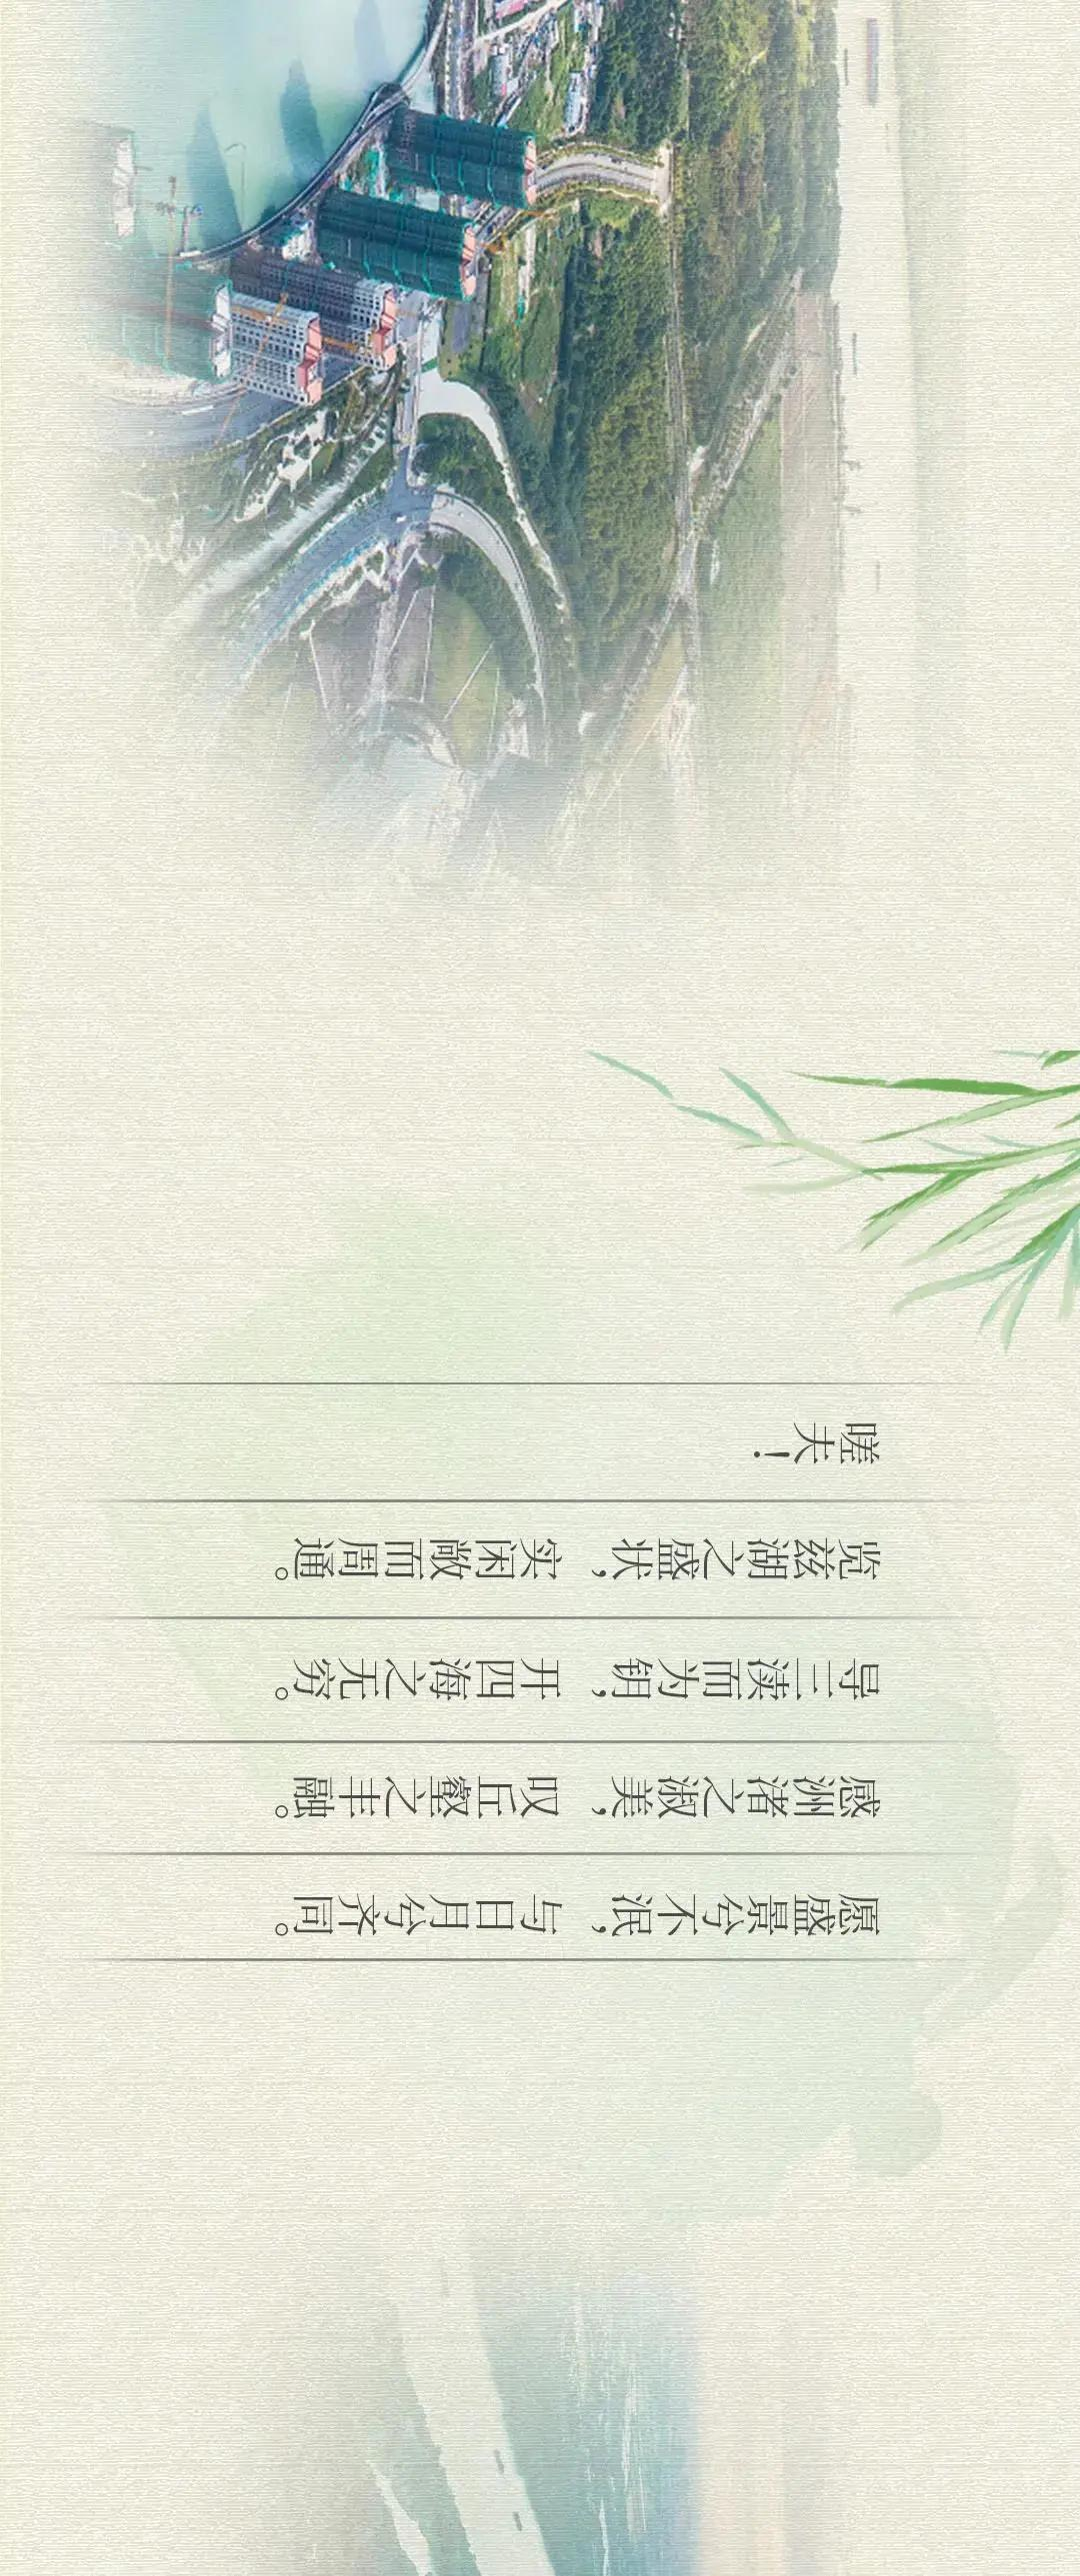 兰香湖,是否也藏着你的诗和远方……